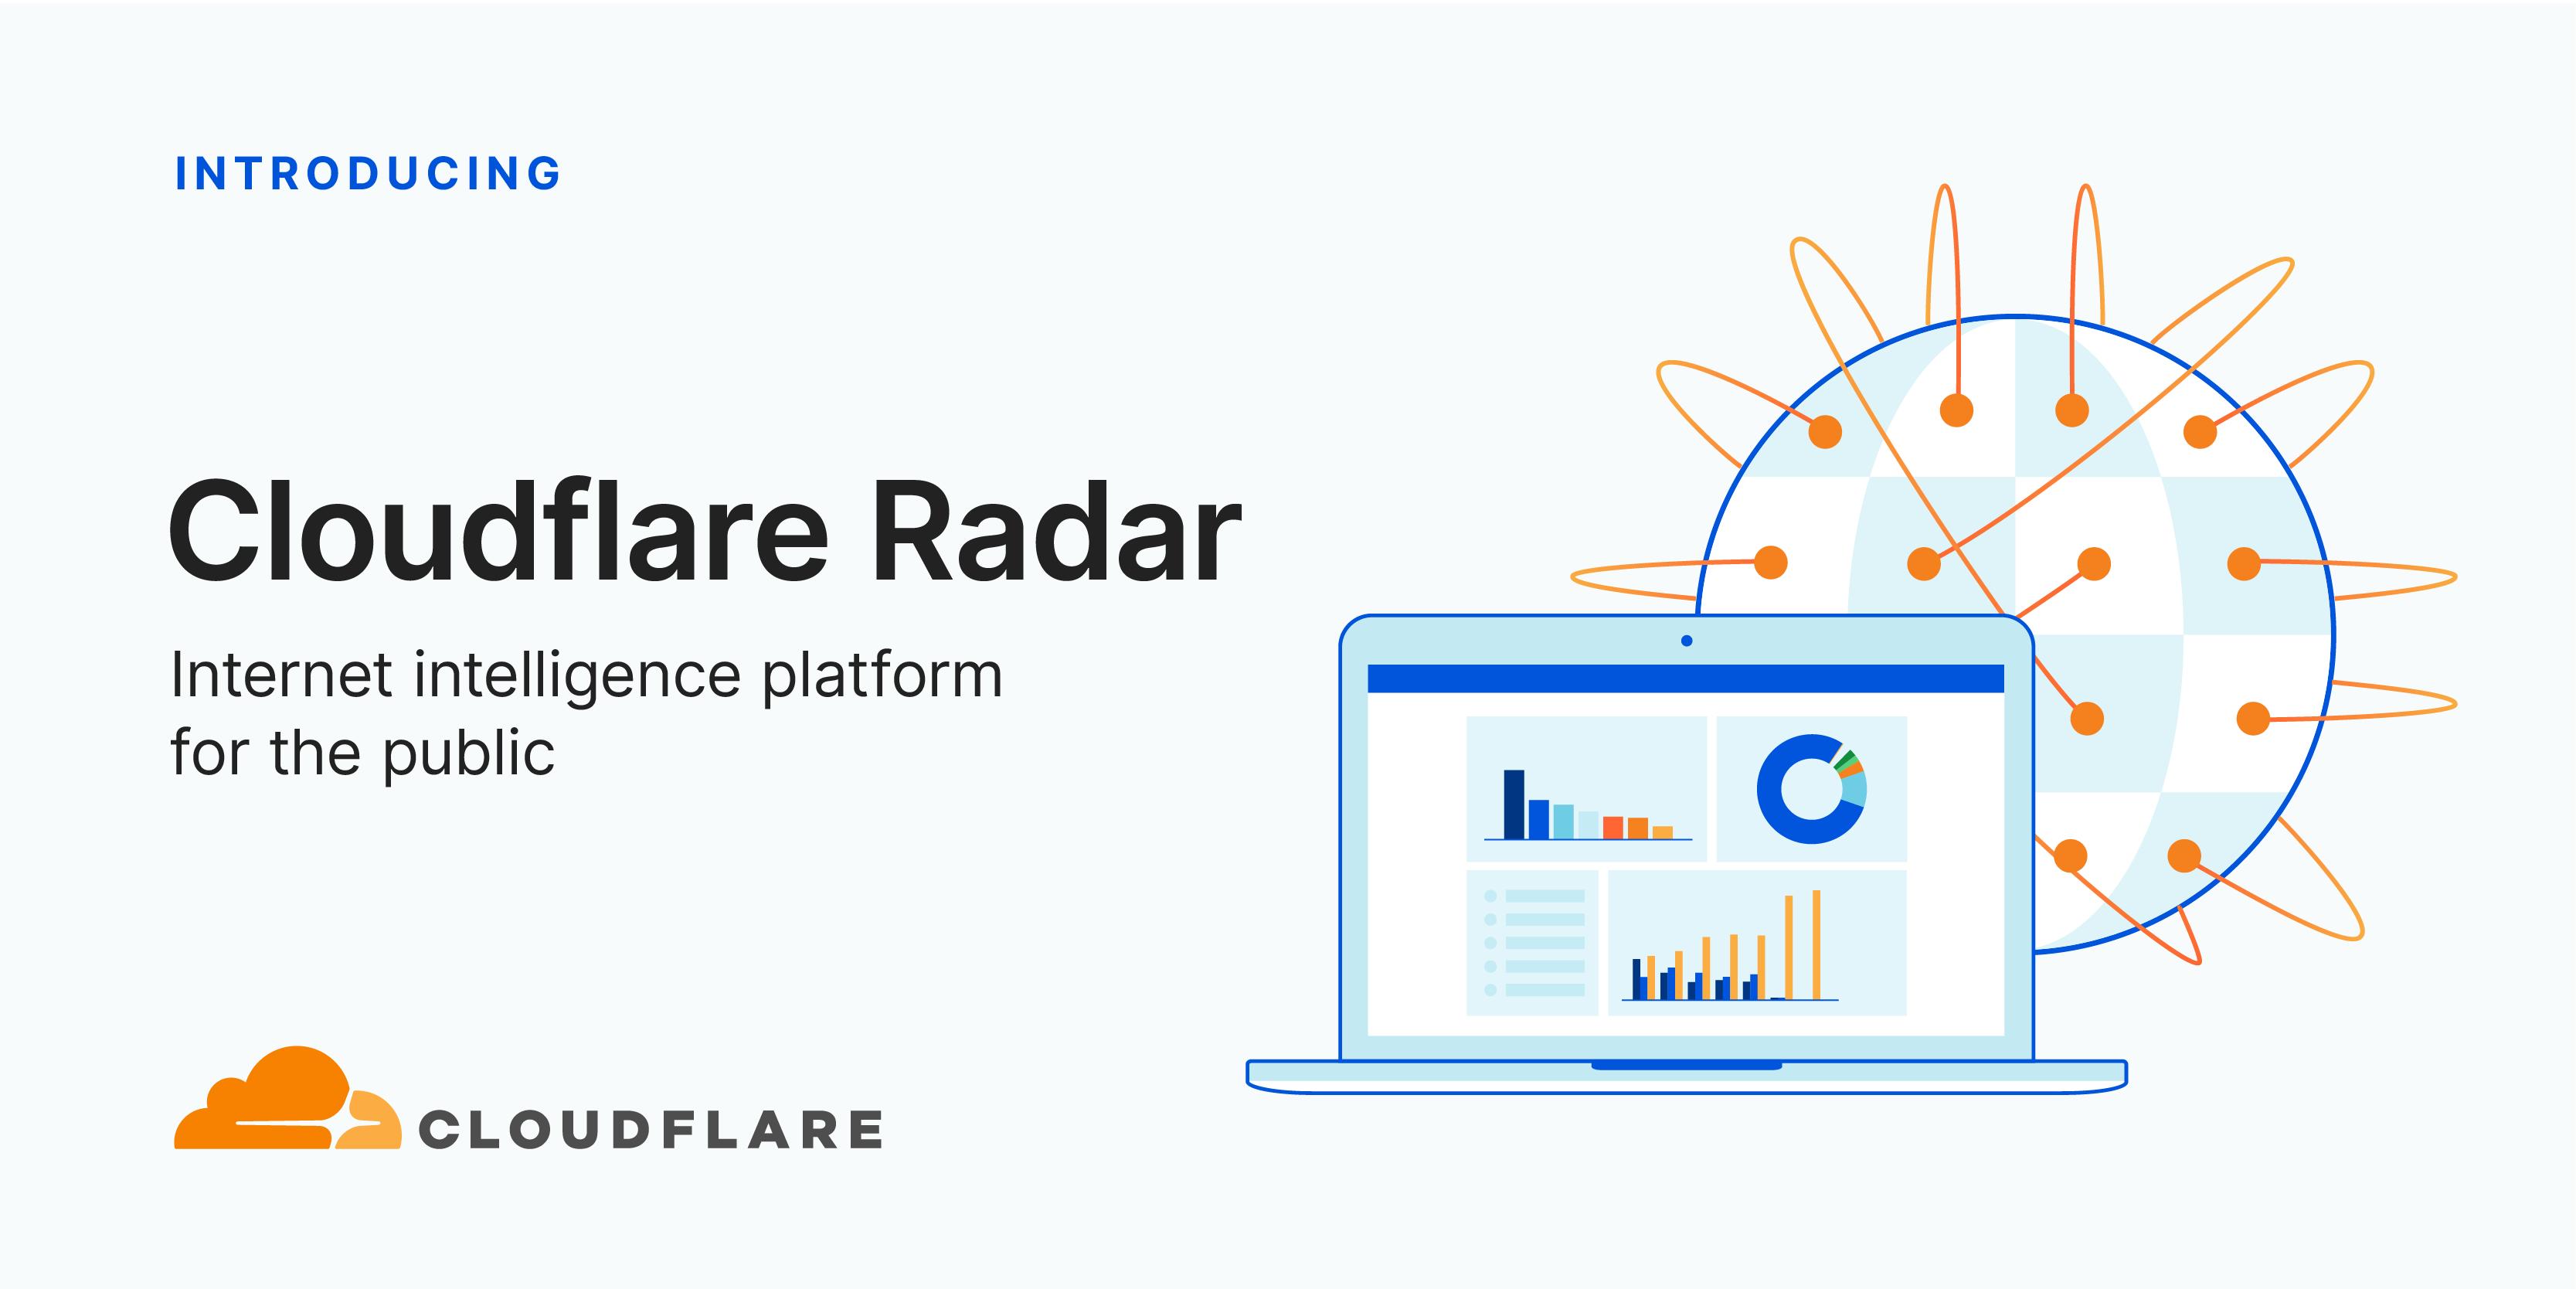 Introducing Cloudflare Radar